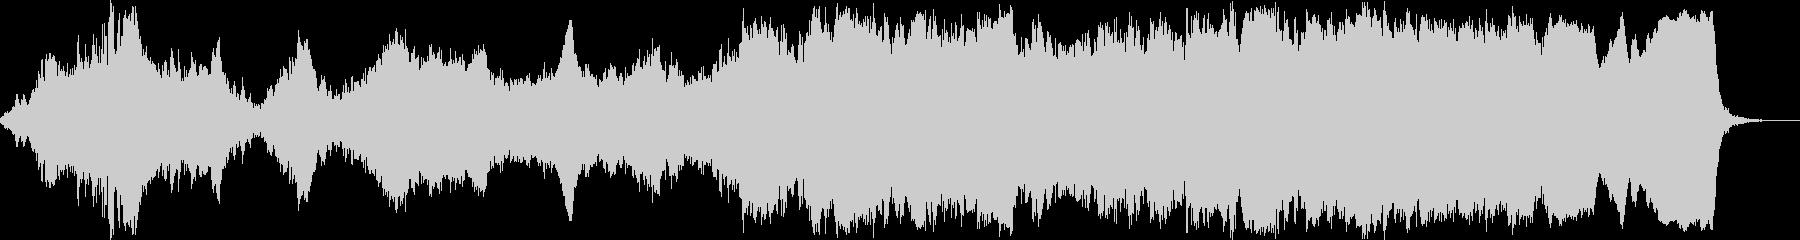 科学番組やナレーション向けBGMの未再生の波形